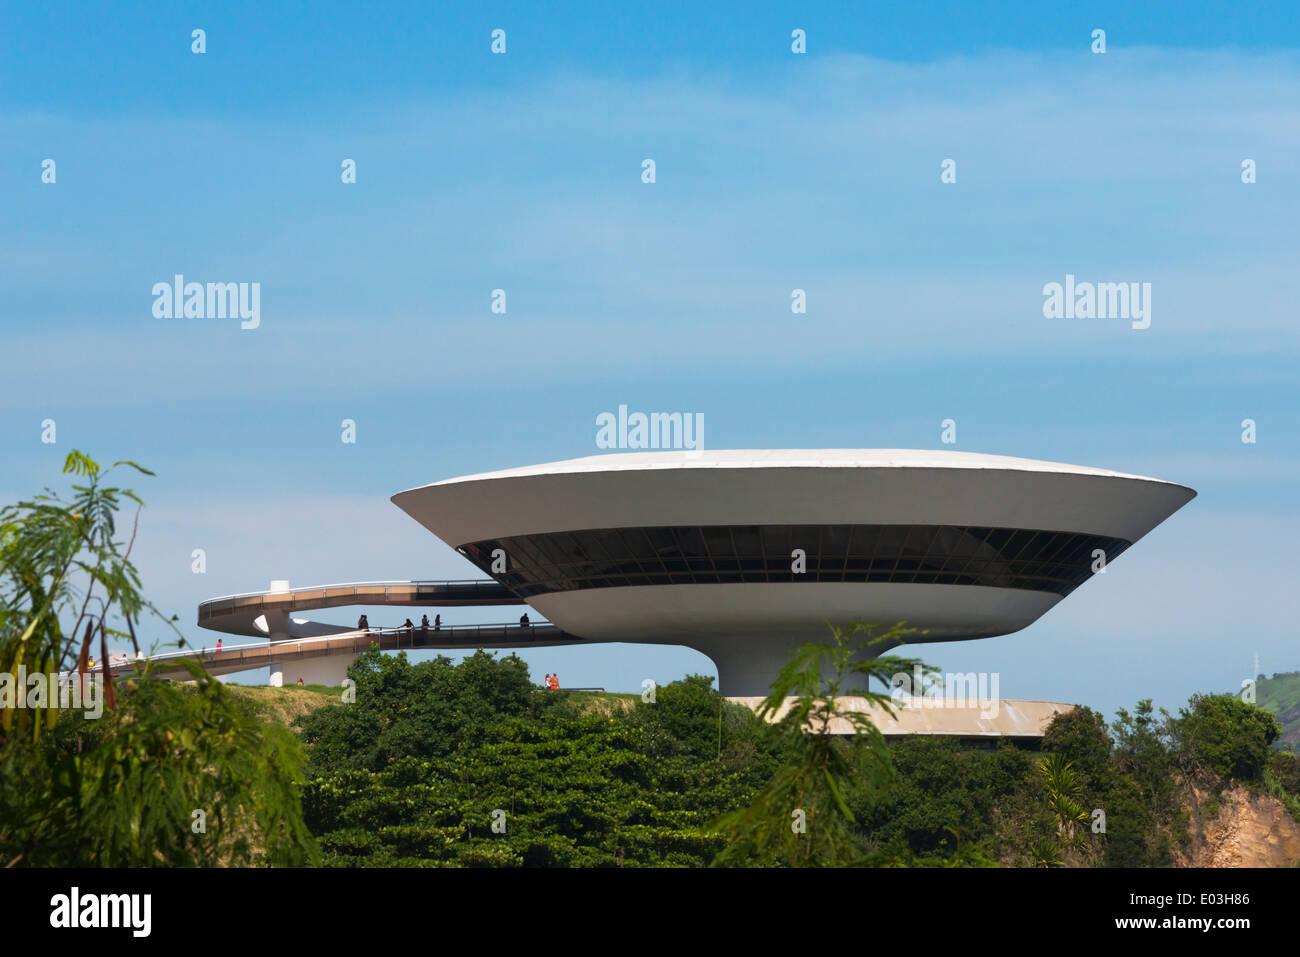 Musée d'Art Contemporain de Niterói (Museu de Arte Contemporanea de Niteroi-MAC) conçu par Oscar Niemeyer, Rio de Janeiro, Brésil Photo Stock